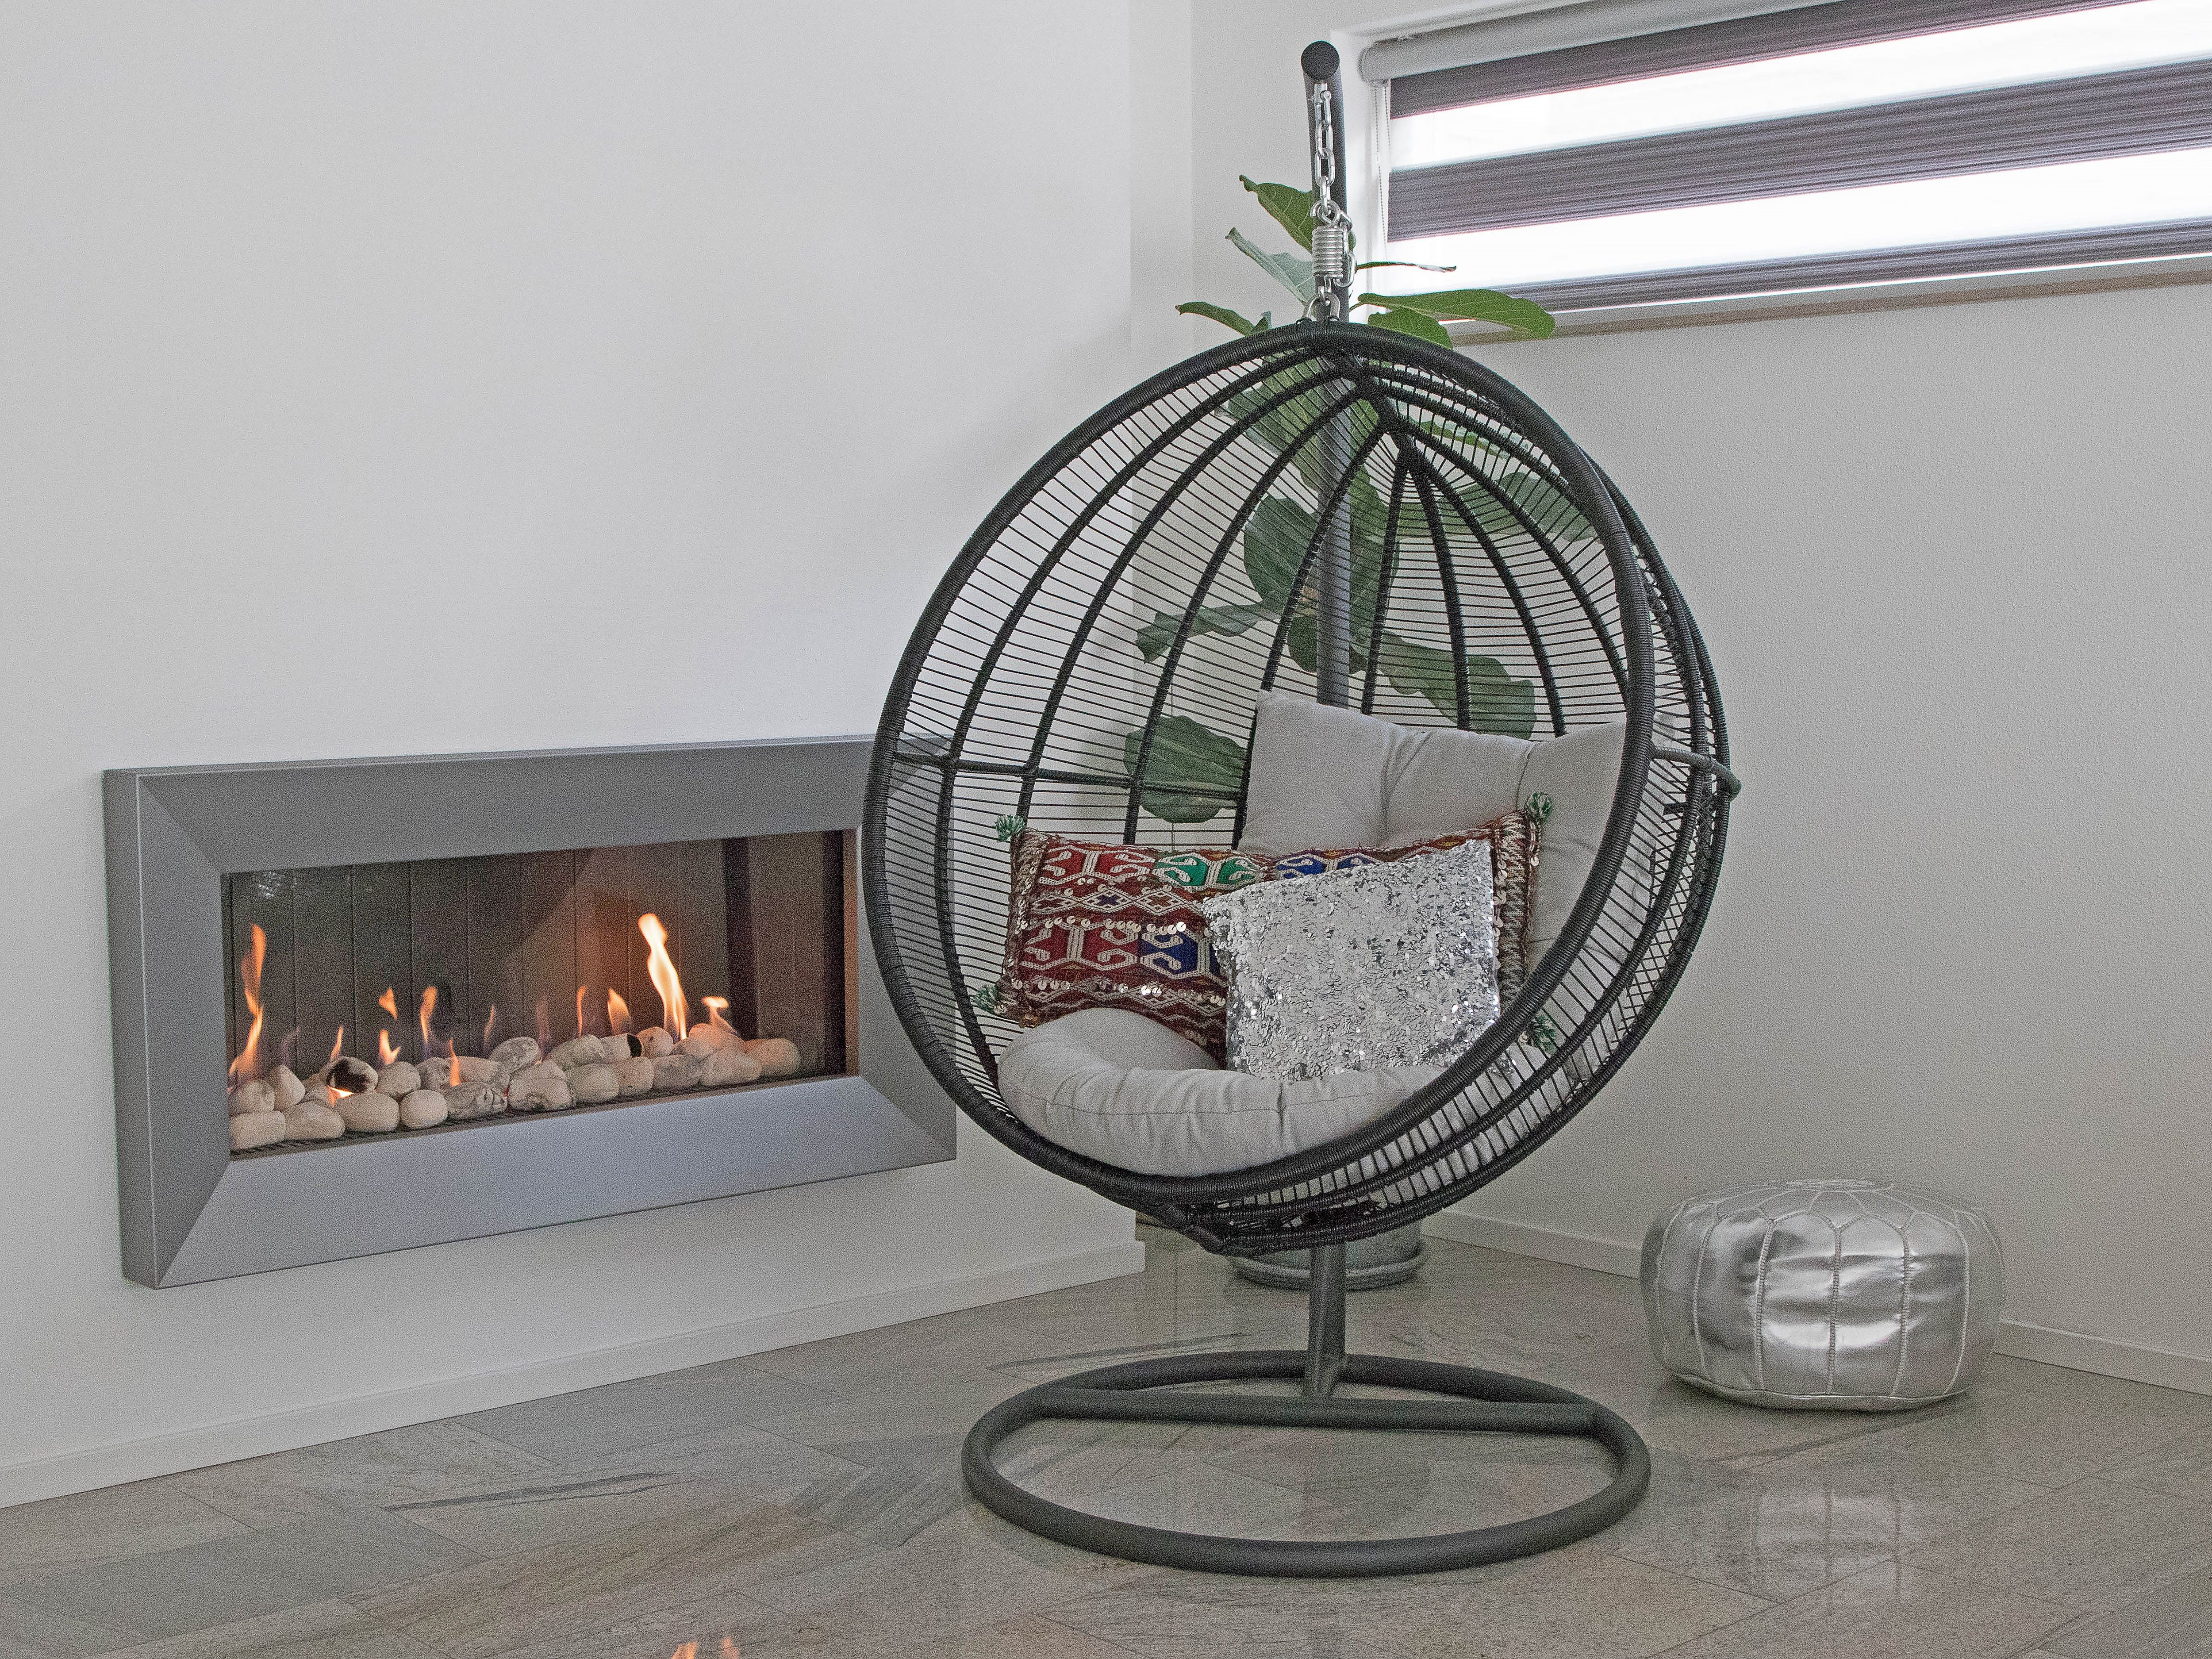 Design Hangstoel Binnen.Hangstoel Binnen Standaard Hangstoel Luna Mooie Standaard Voor De